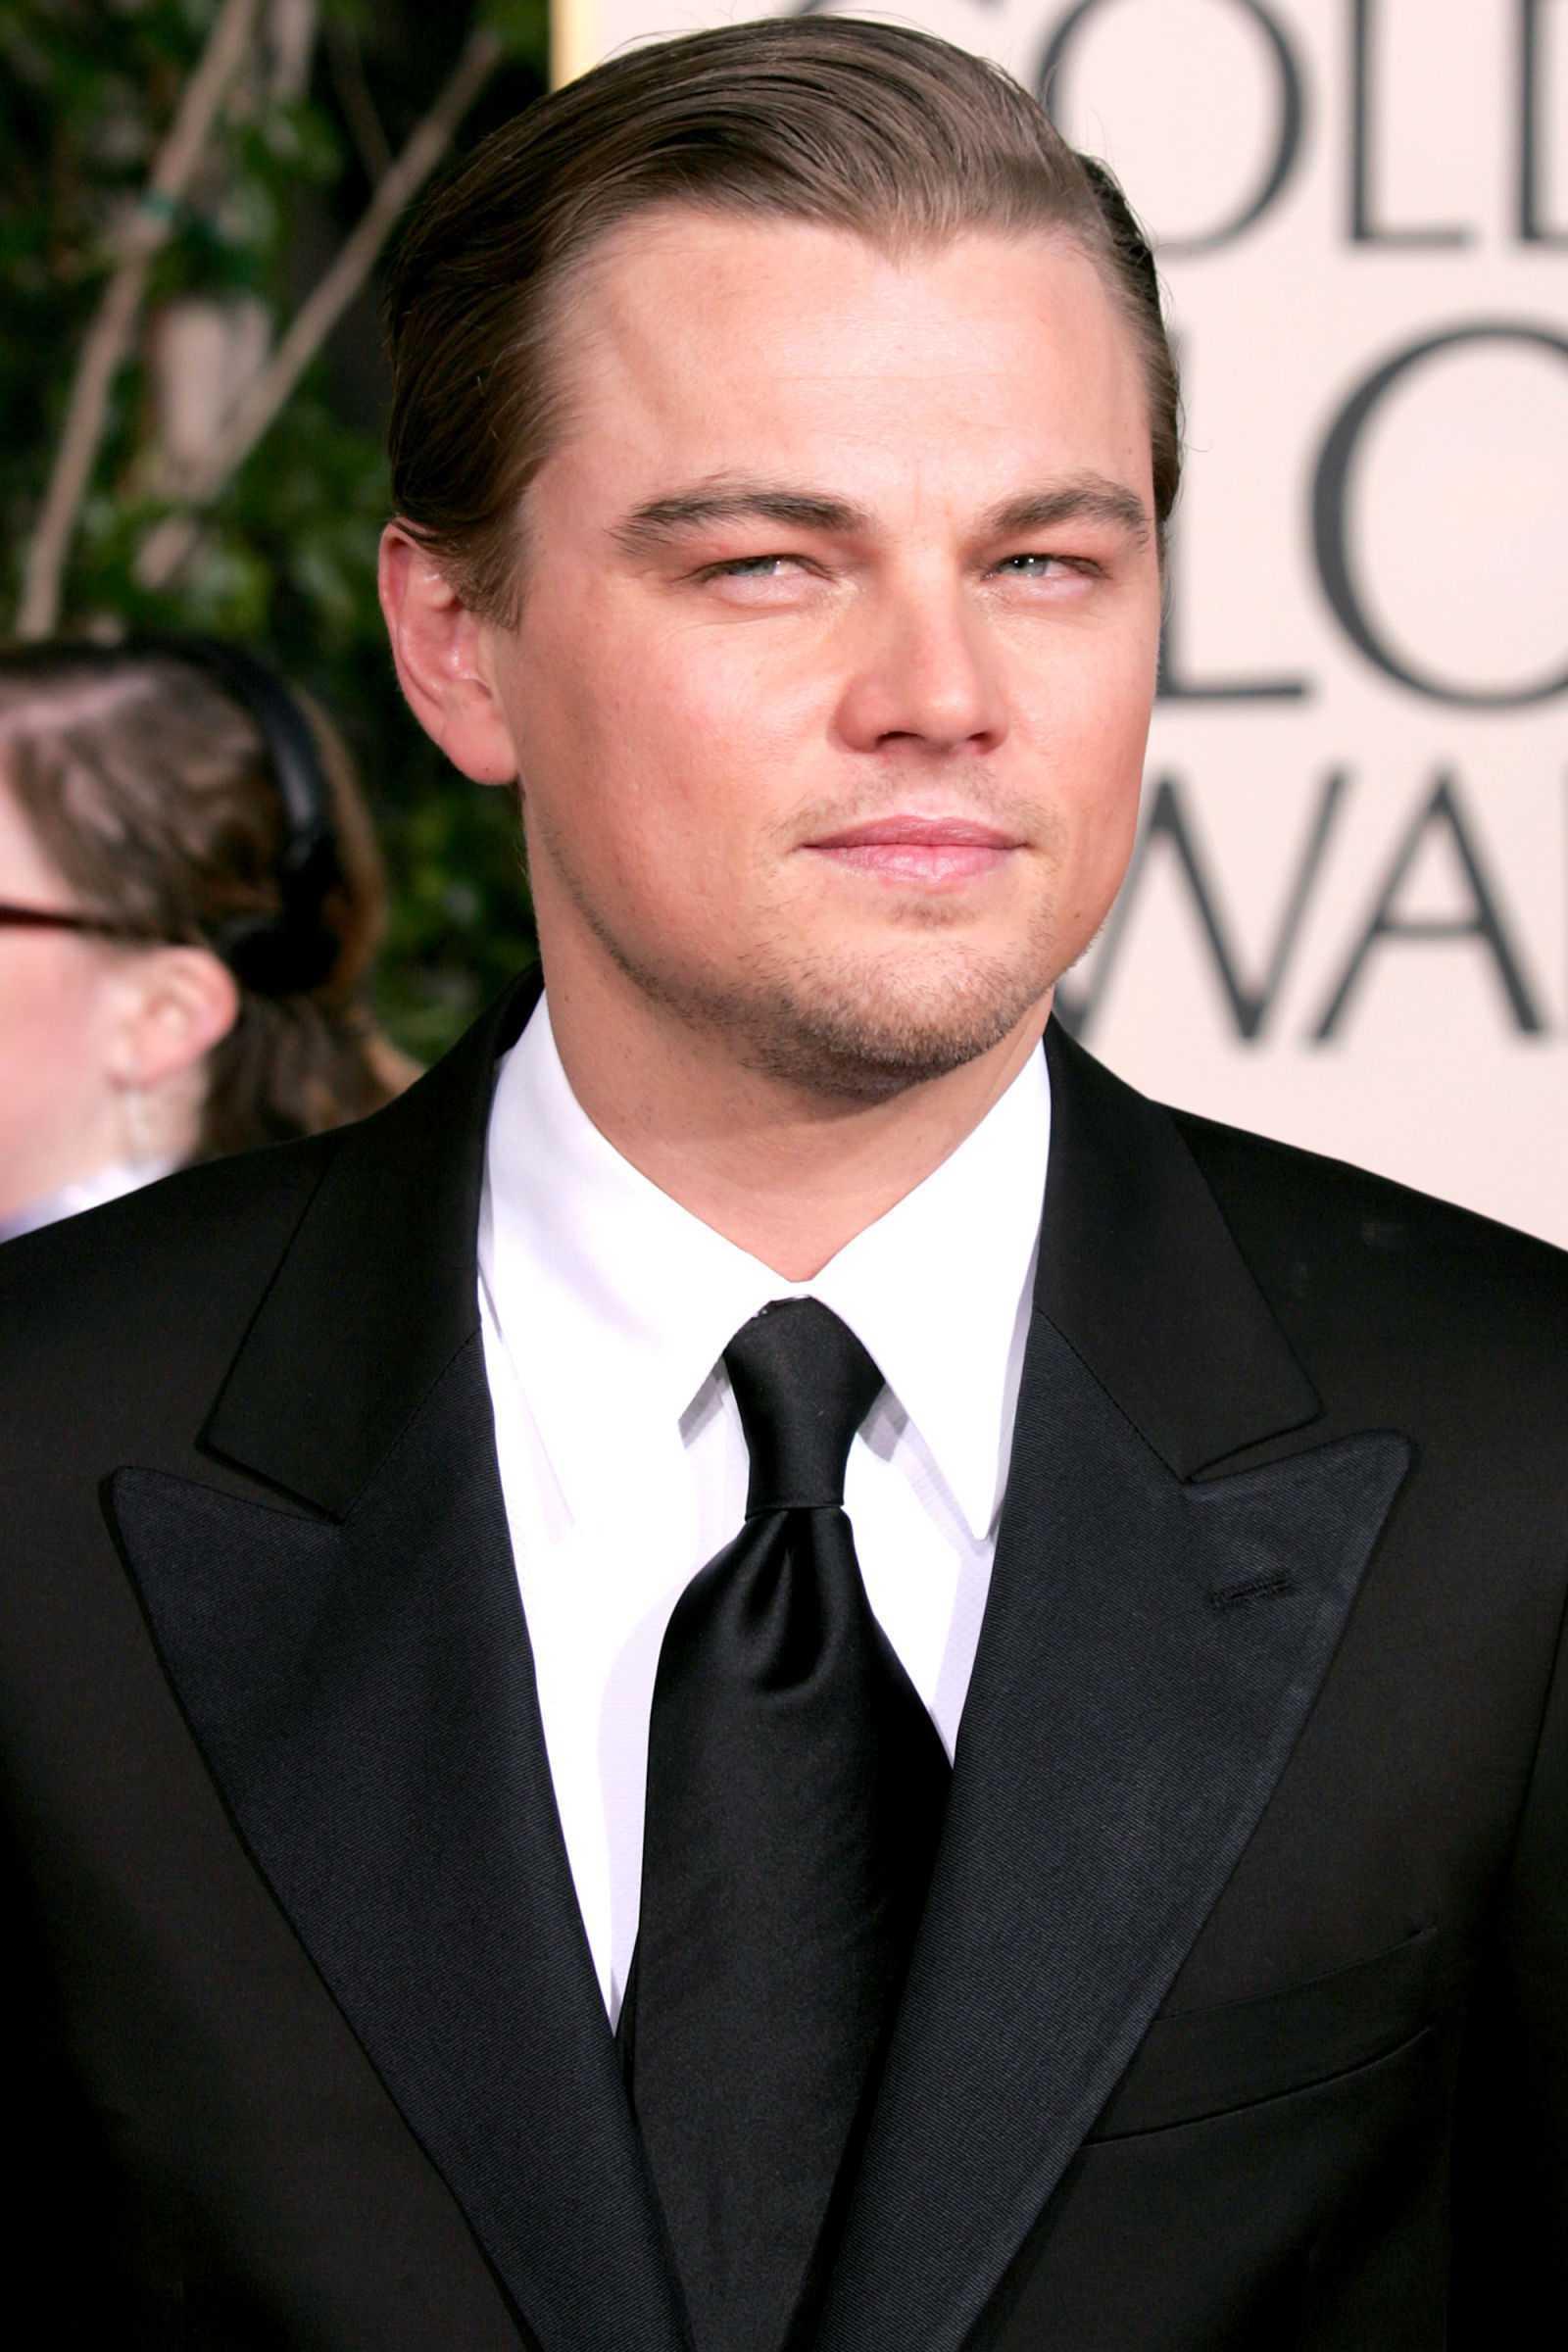 peinados de las celebridades Leonardo DiCaprio 2005